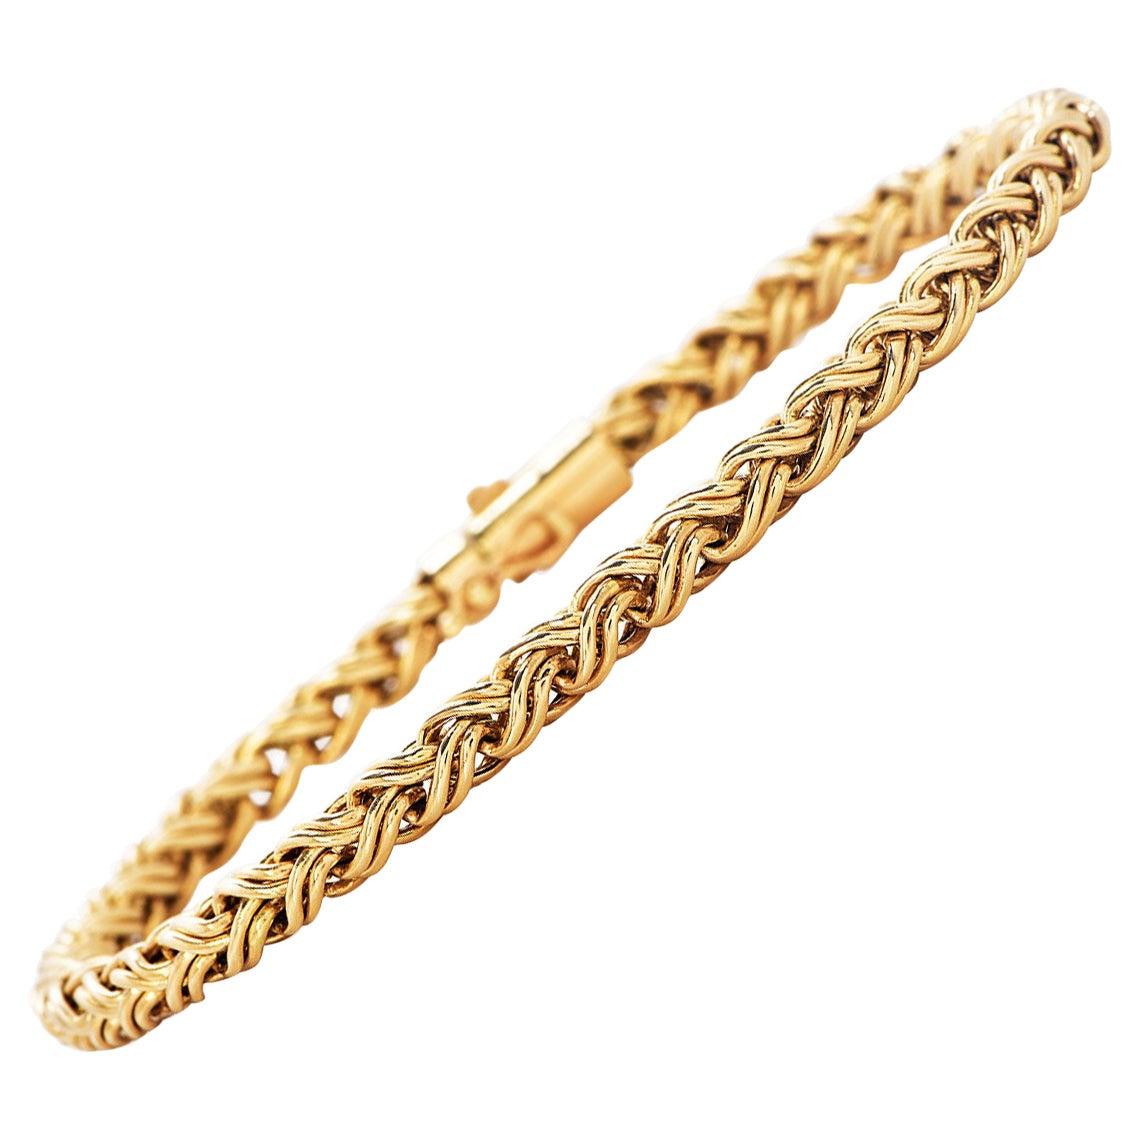 Tiffany & Co. 14K Gold Designer Braided Links Bracelet